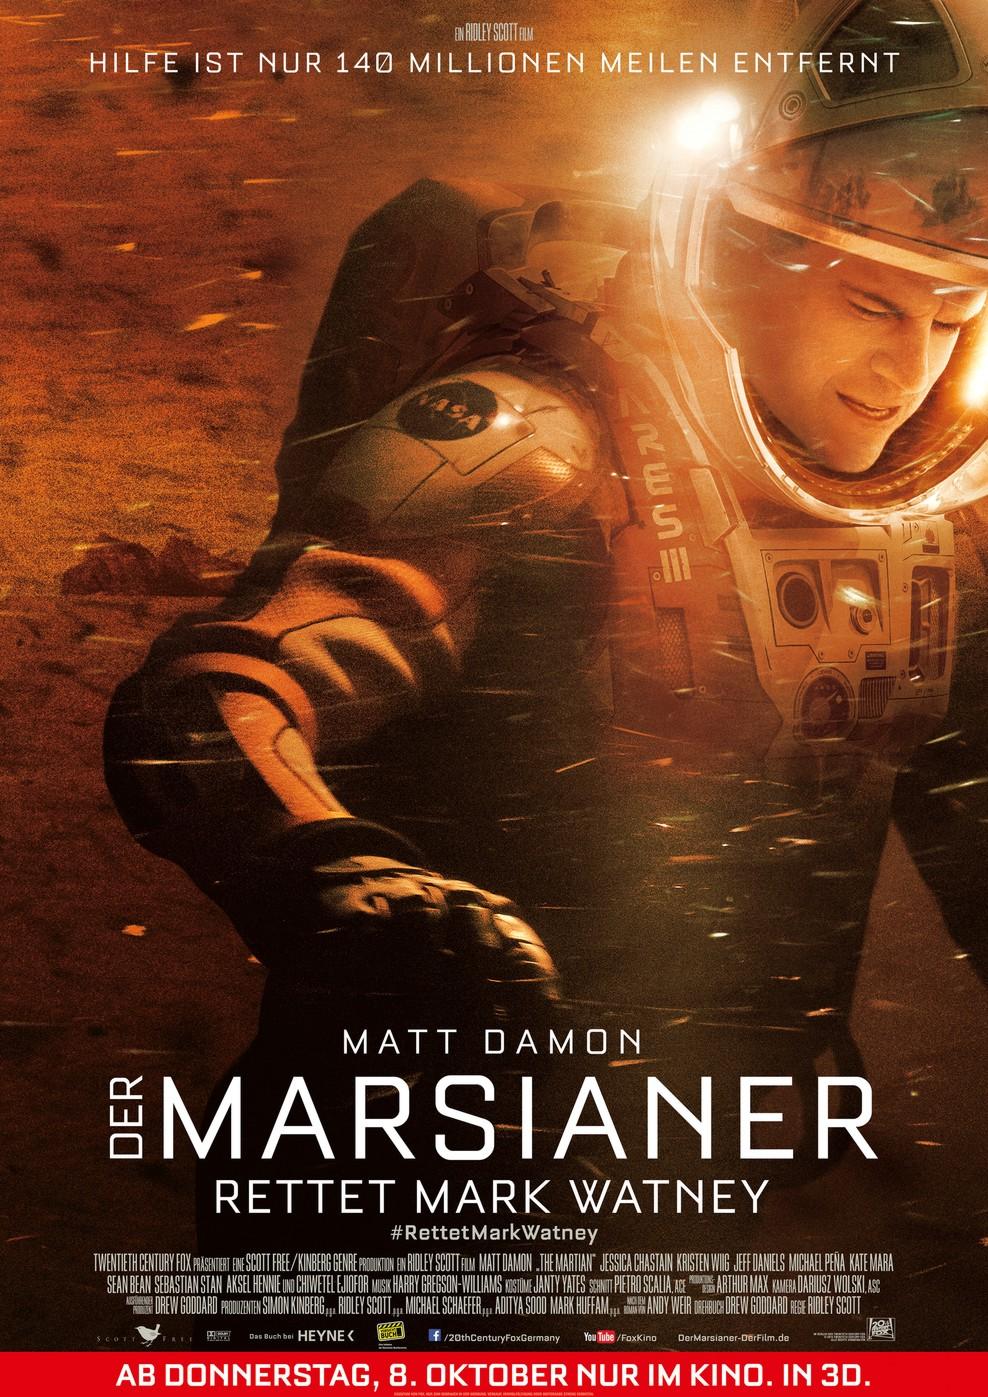 Der Marsianer - Rettet Mark Watney (Poster)